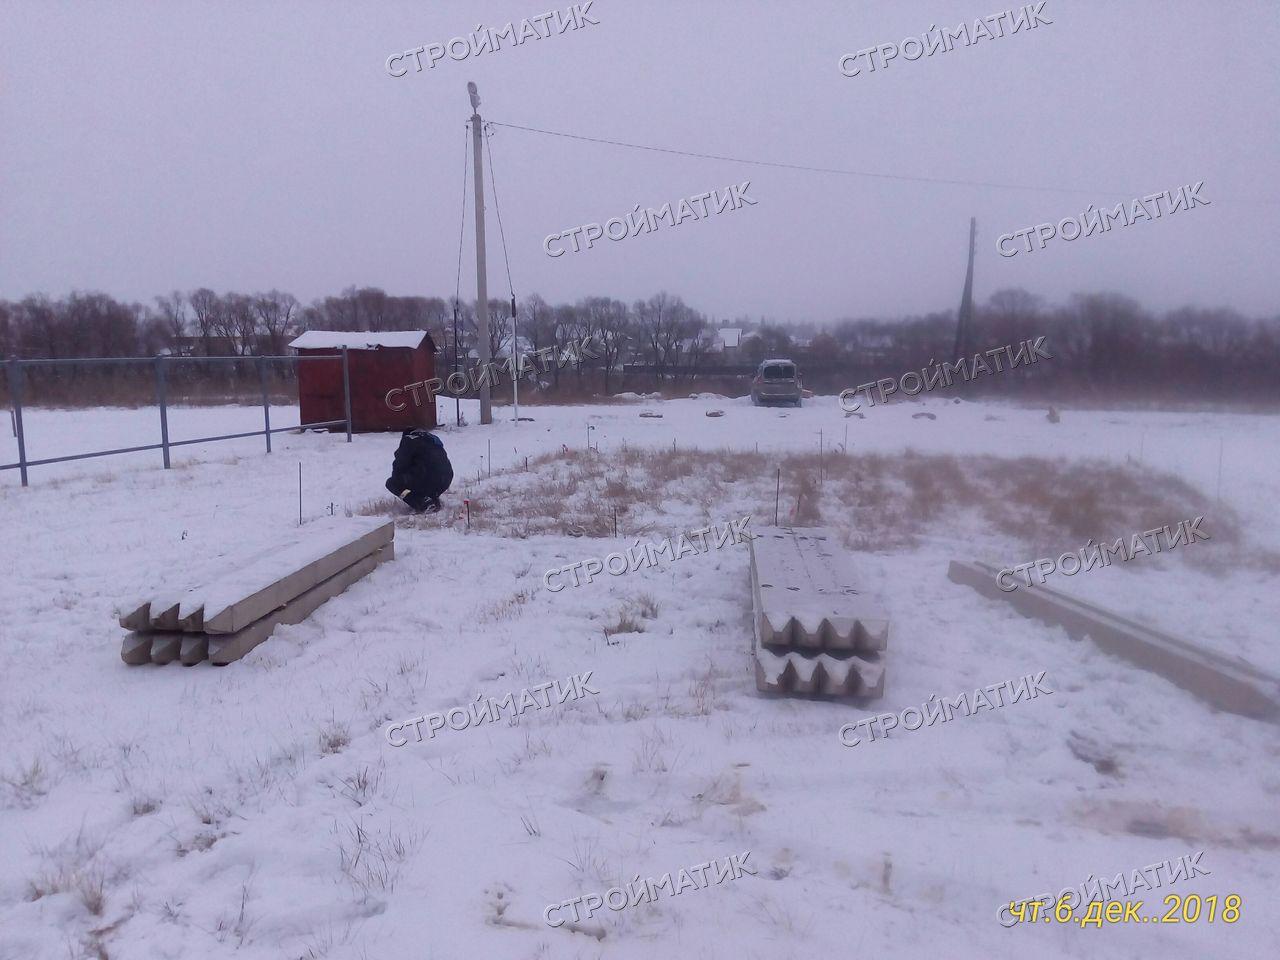 Стройматик забивка свай в г. Лебедянь, Липецкая область